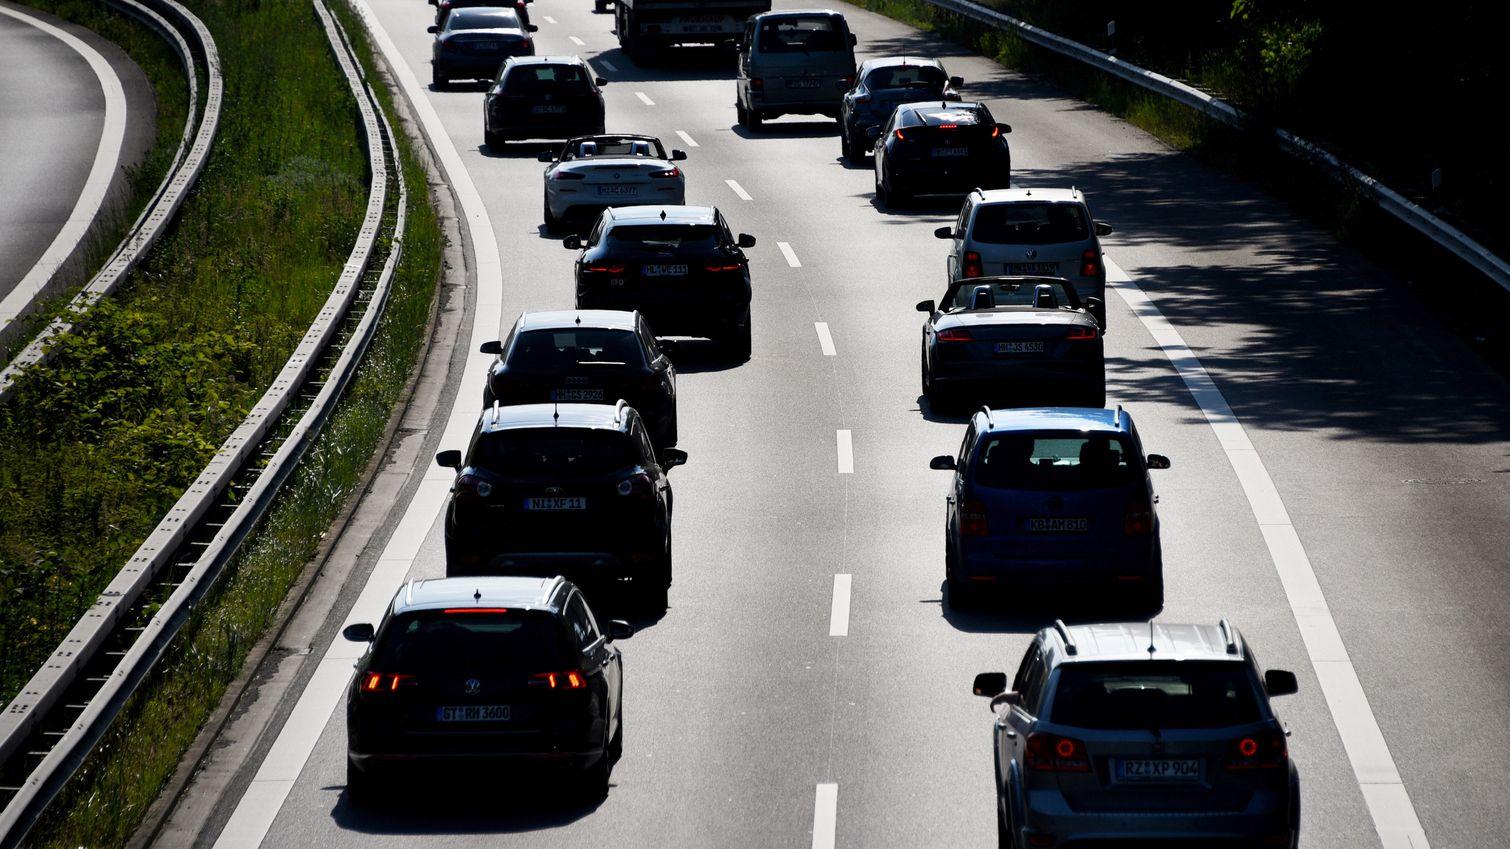 Symbolbild: Autos stehen in der Sonne im Stau auf der Autobahn.